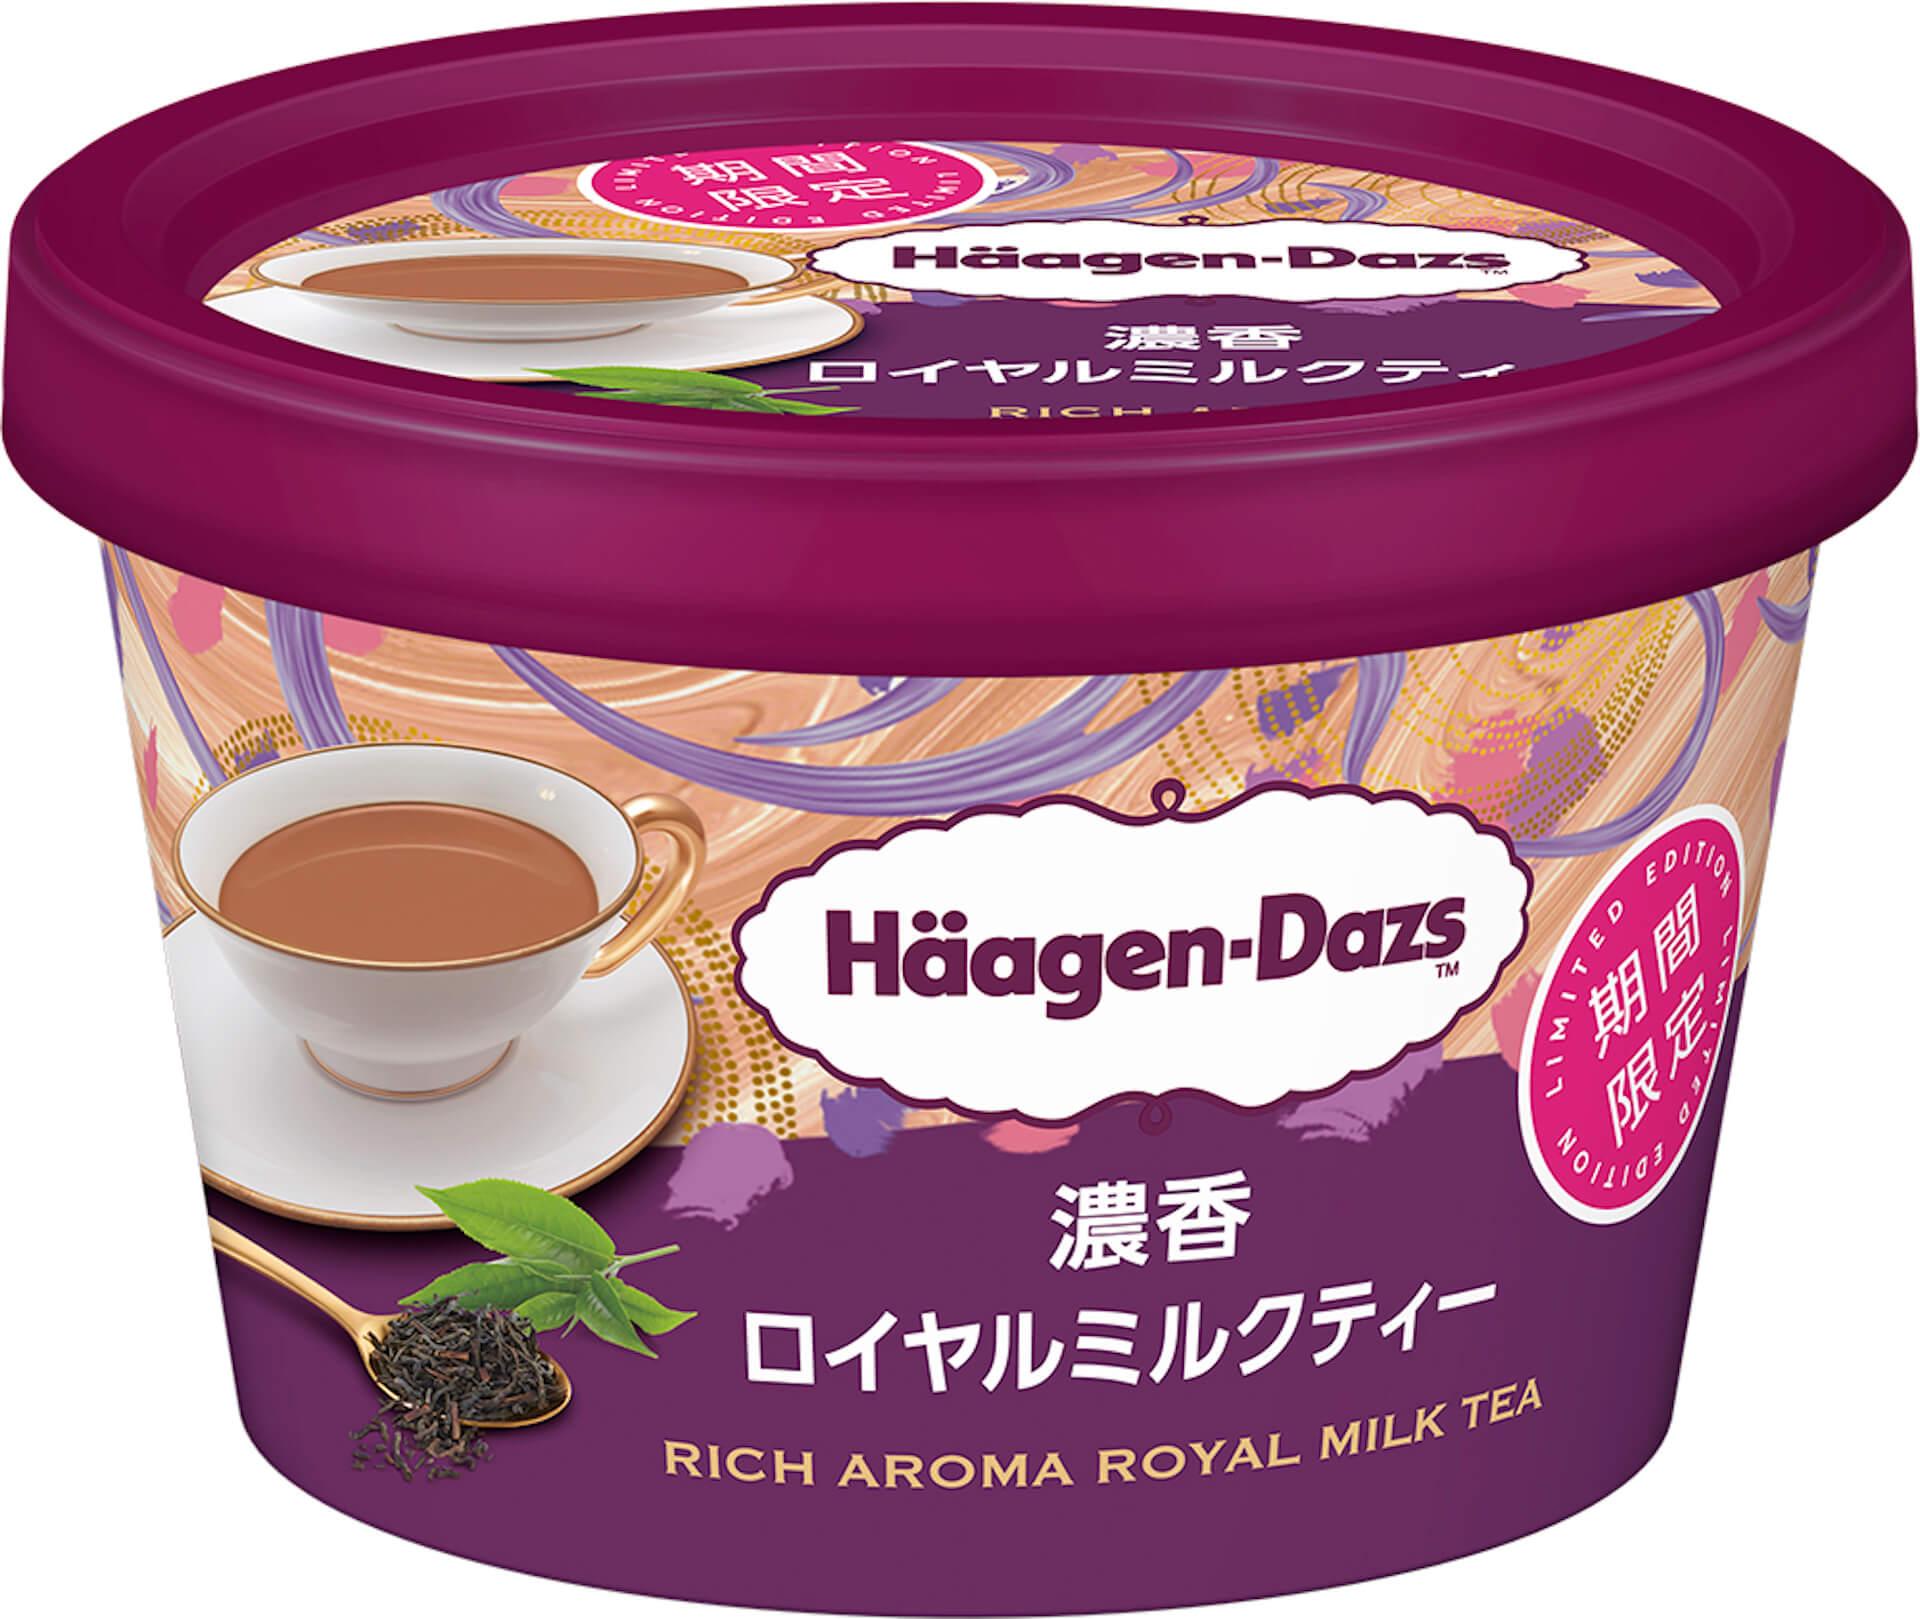 今度のハーゲンダッツは濃く香るロイヤルミルクティー!ミニカップ『濃香ロイヤルミルクティー』が期間限定発売 gourmet210524_haagendazs_5